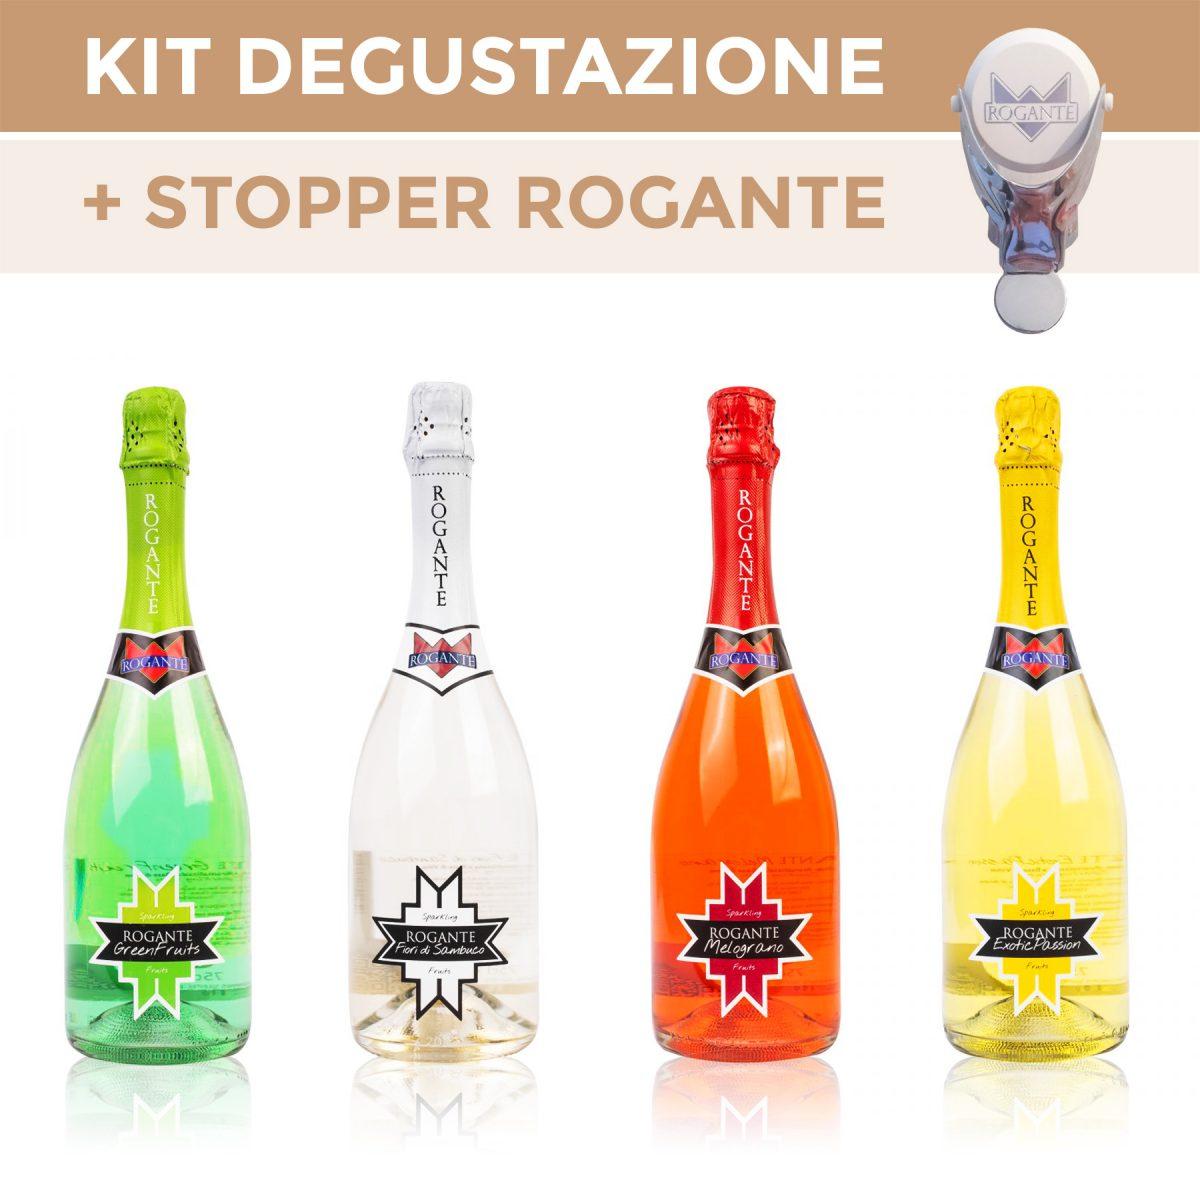 Kit Degustazione + Stopper